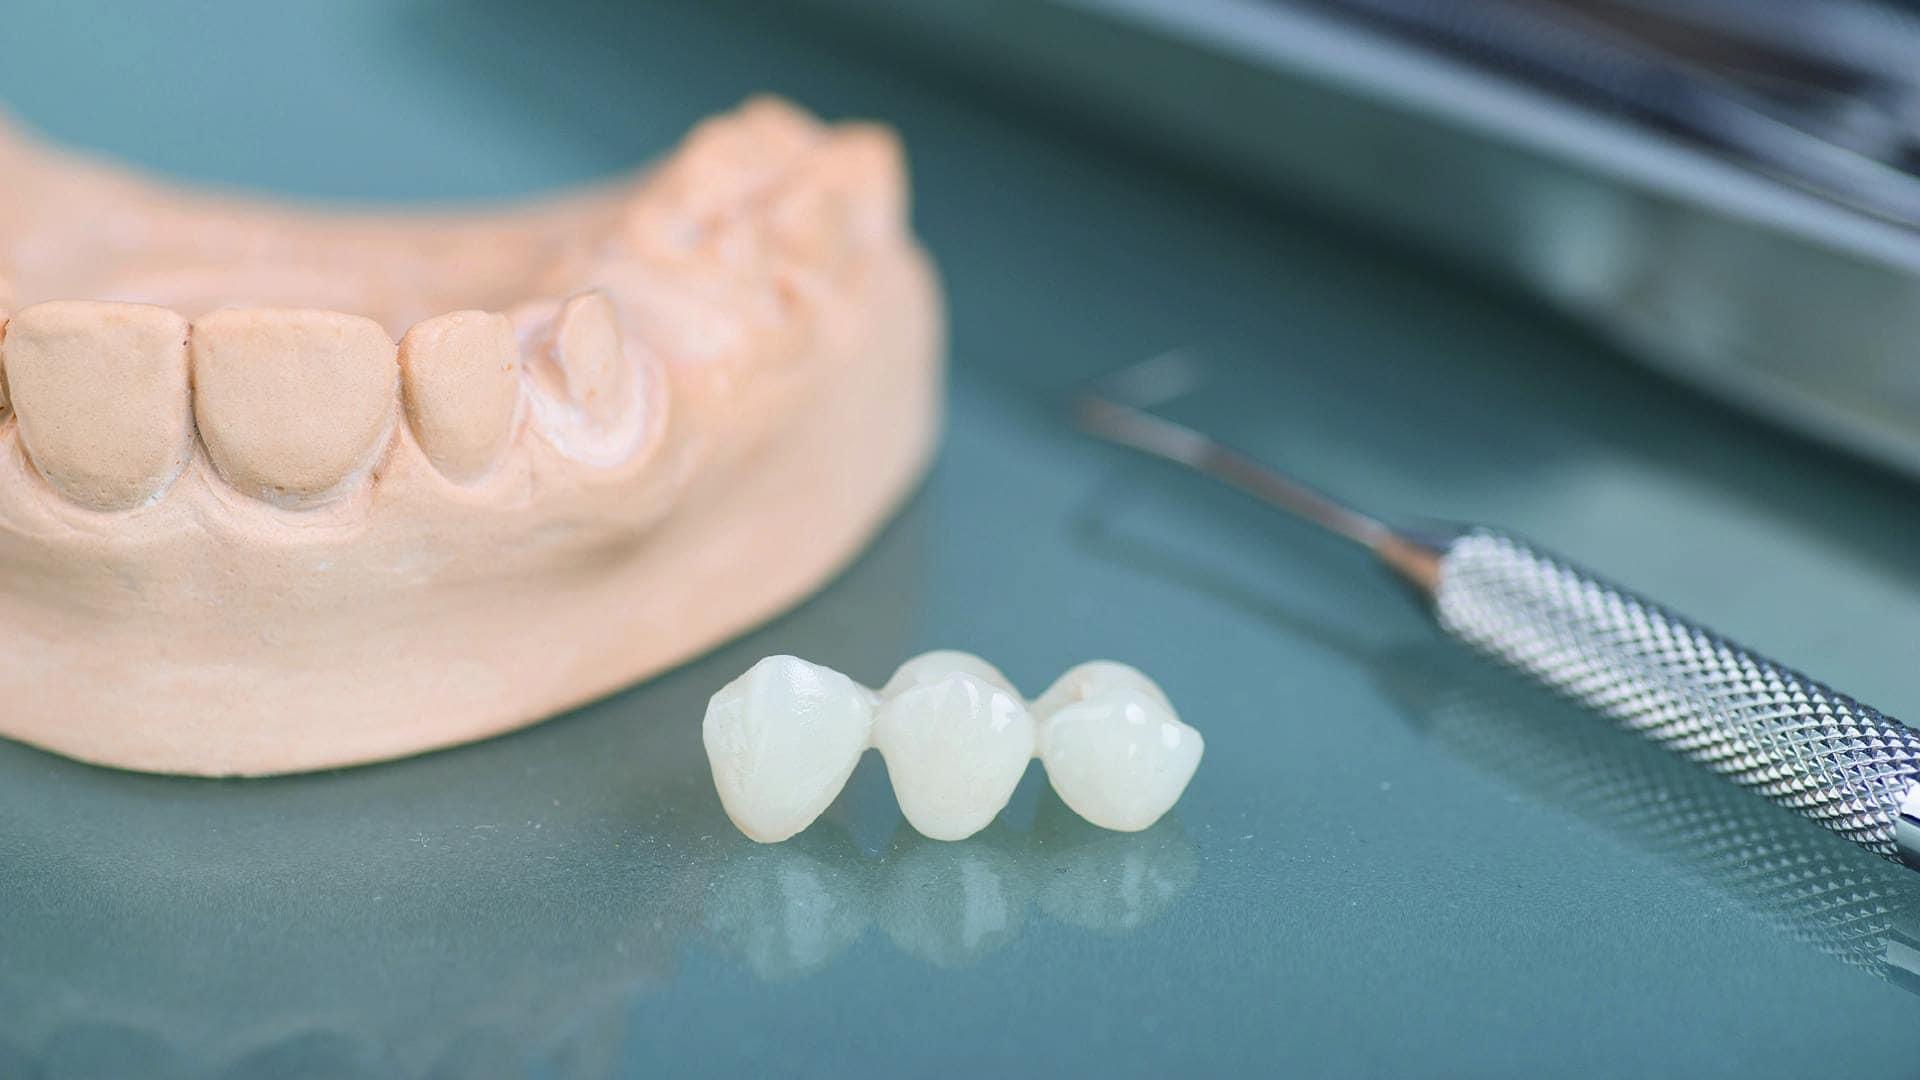 Στεφάνες (Θήκες Δοντιών) - Γέφυρες Δοντιών